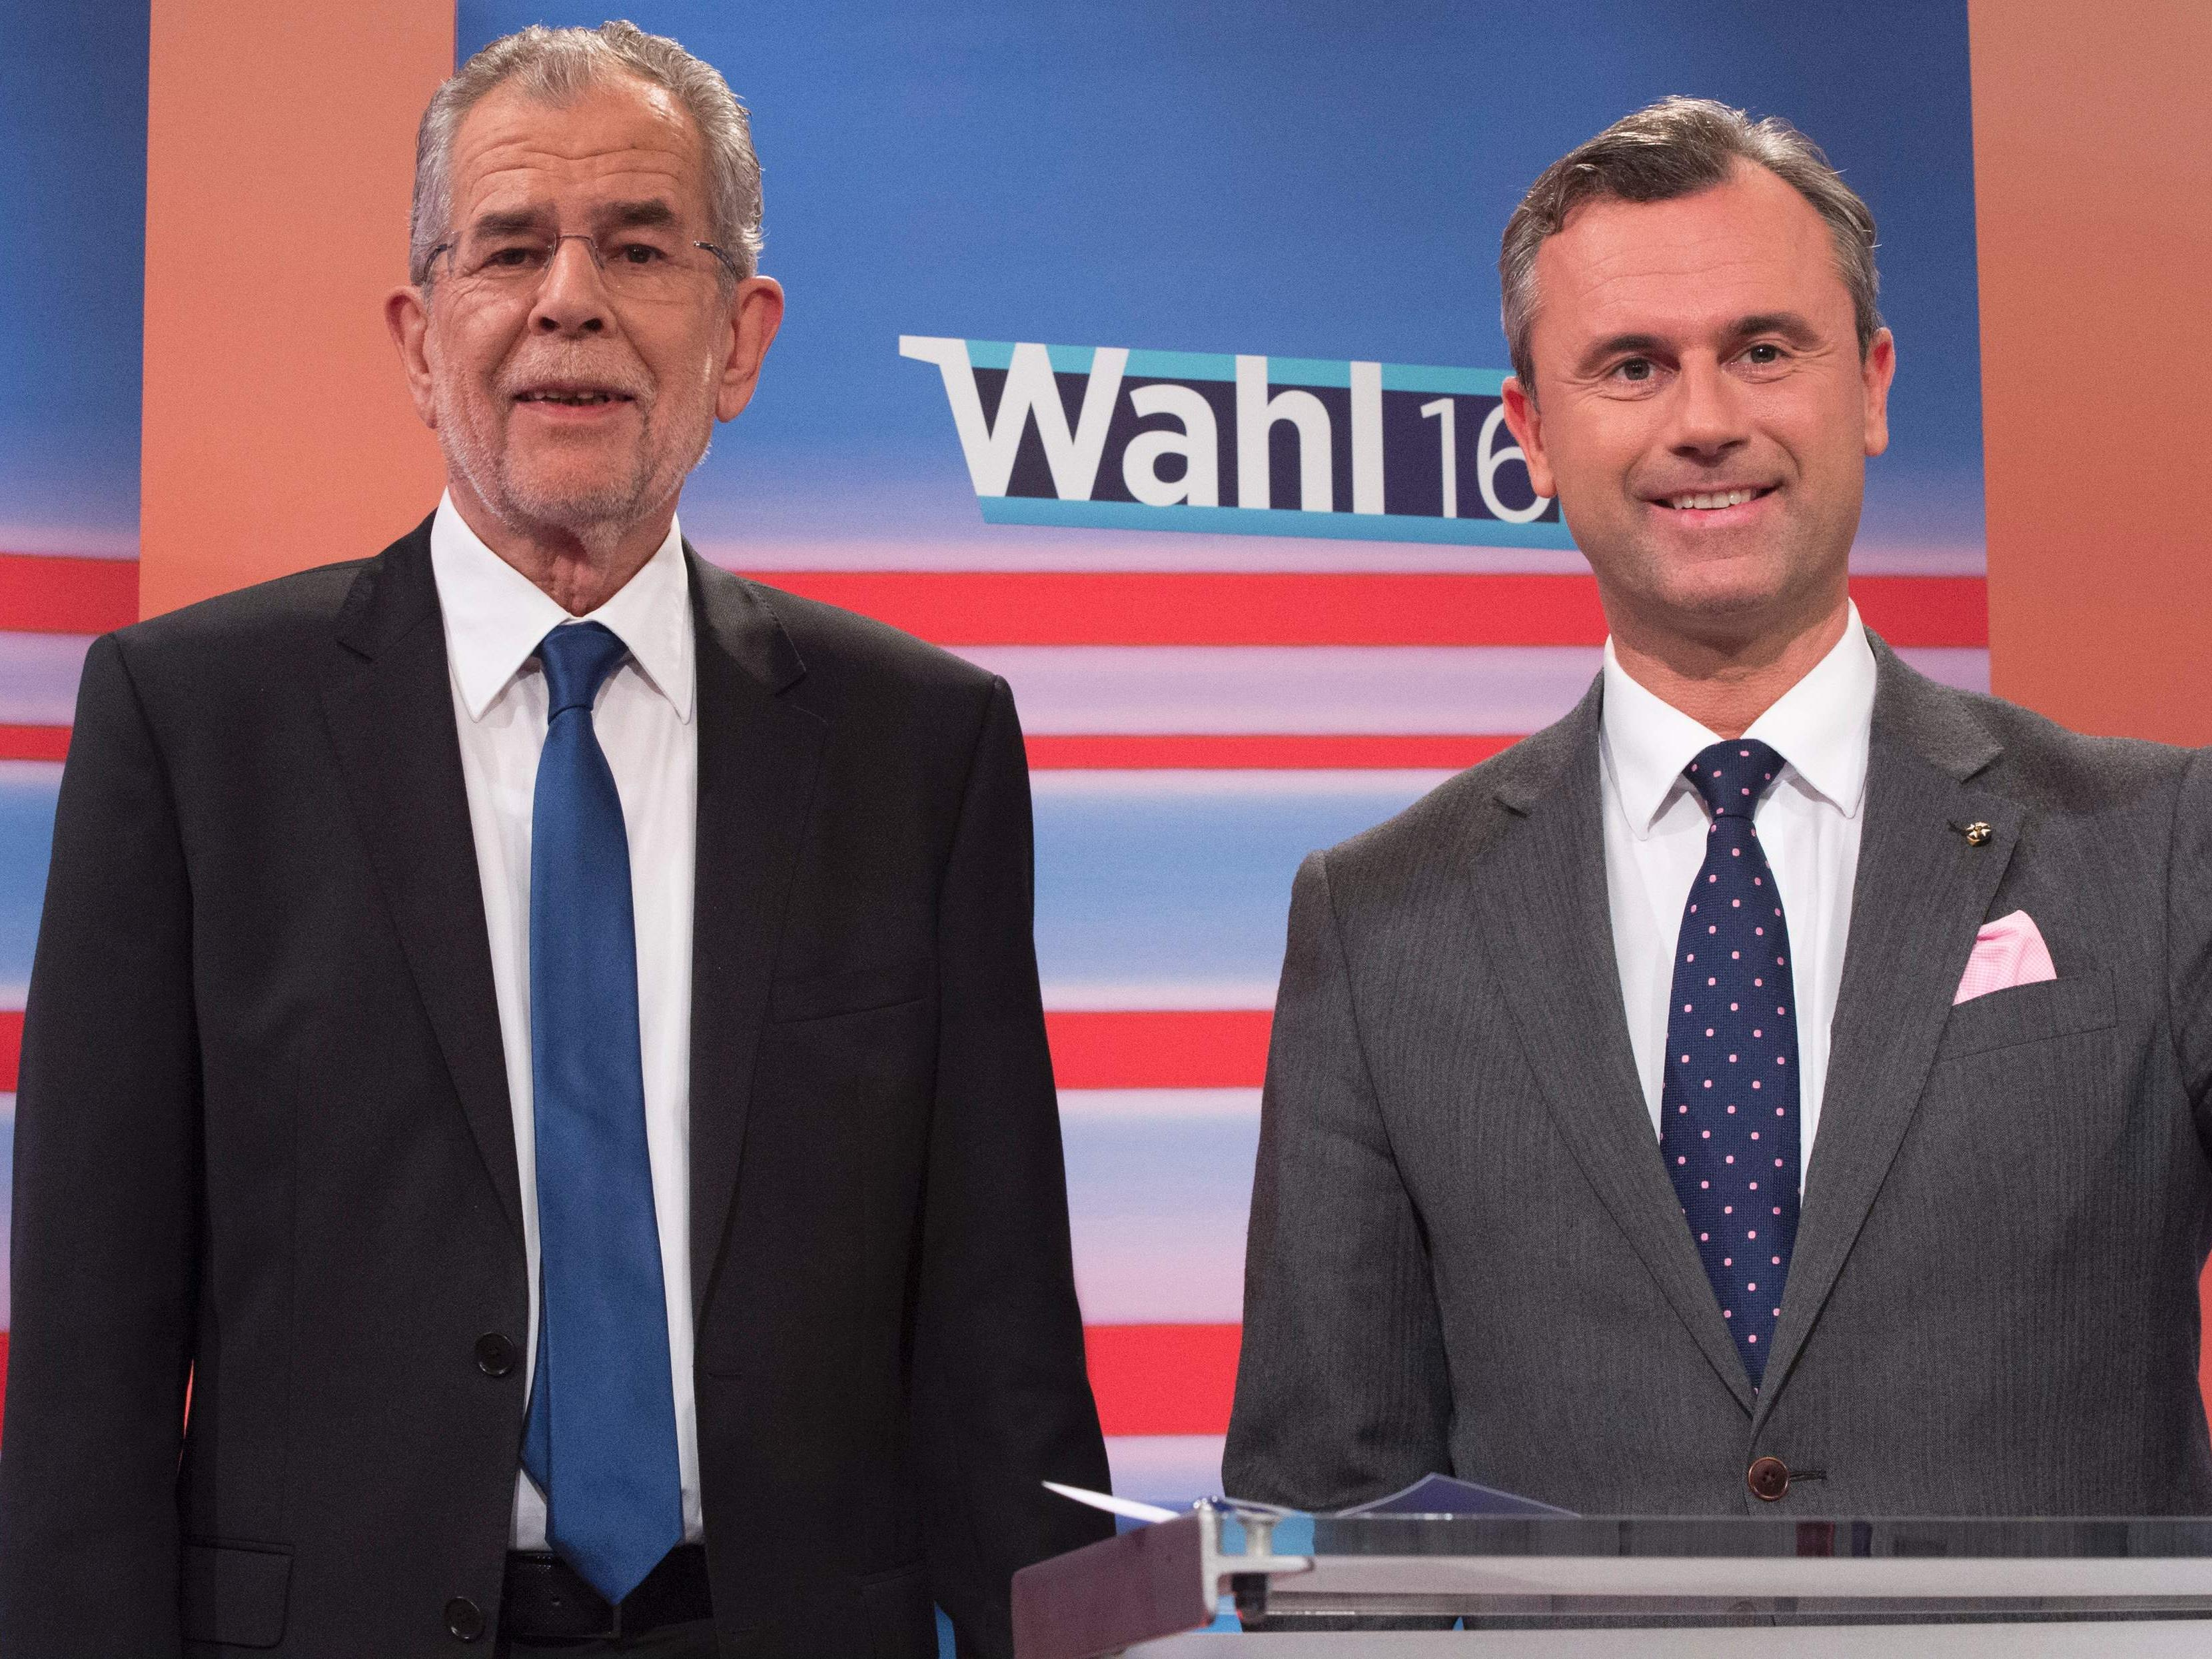 Der Präsidentschaftswahlkampf geht in die nächste Runde.